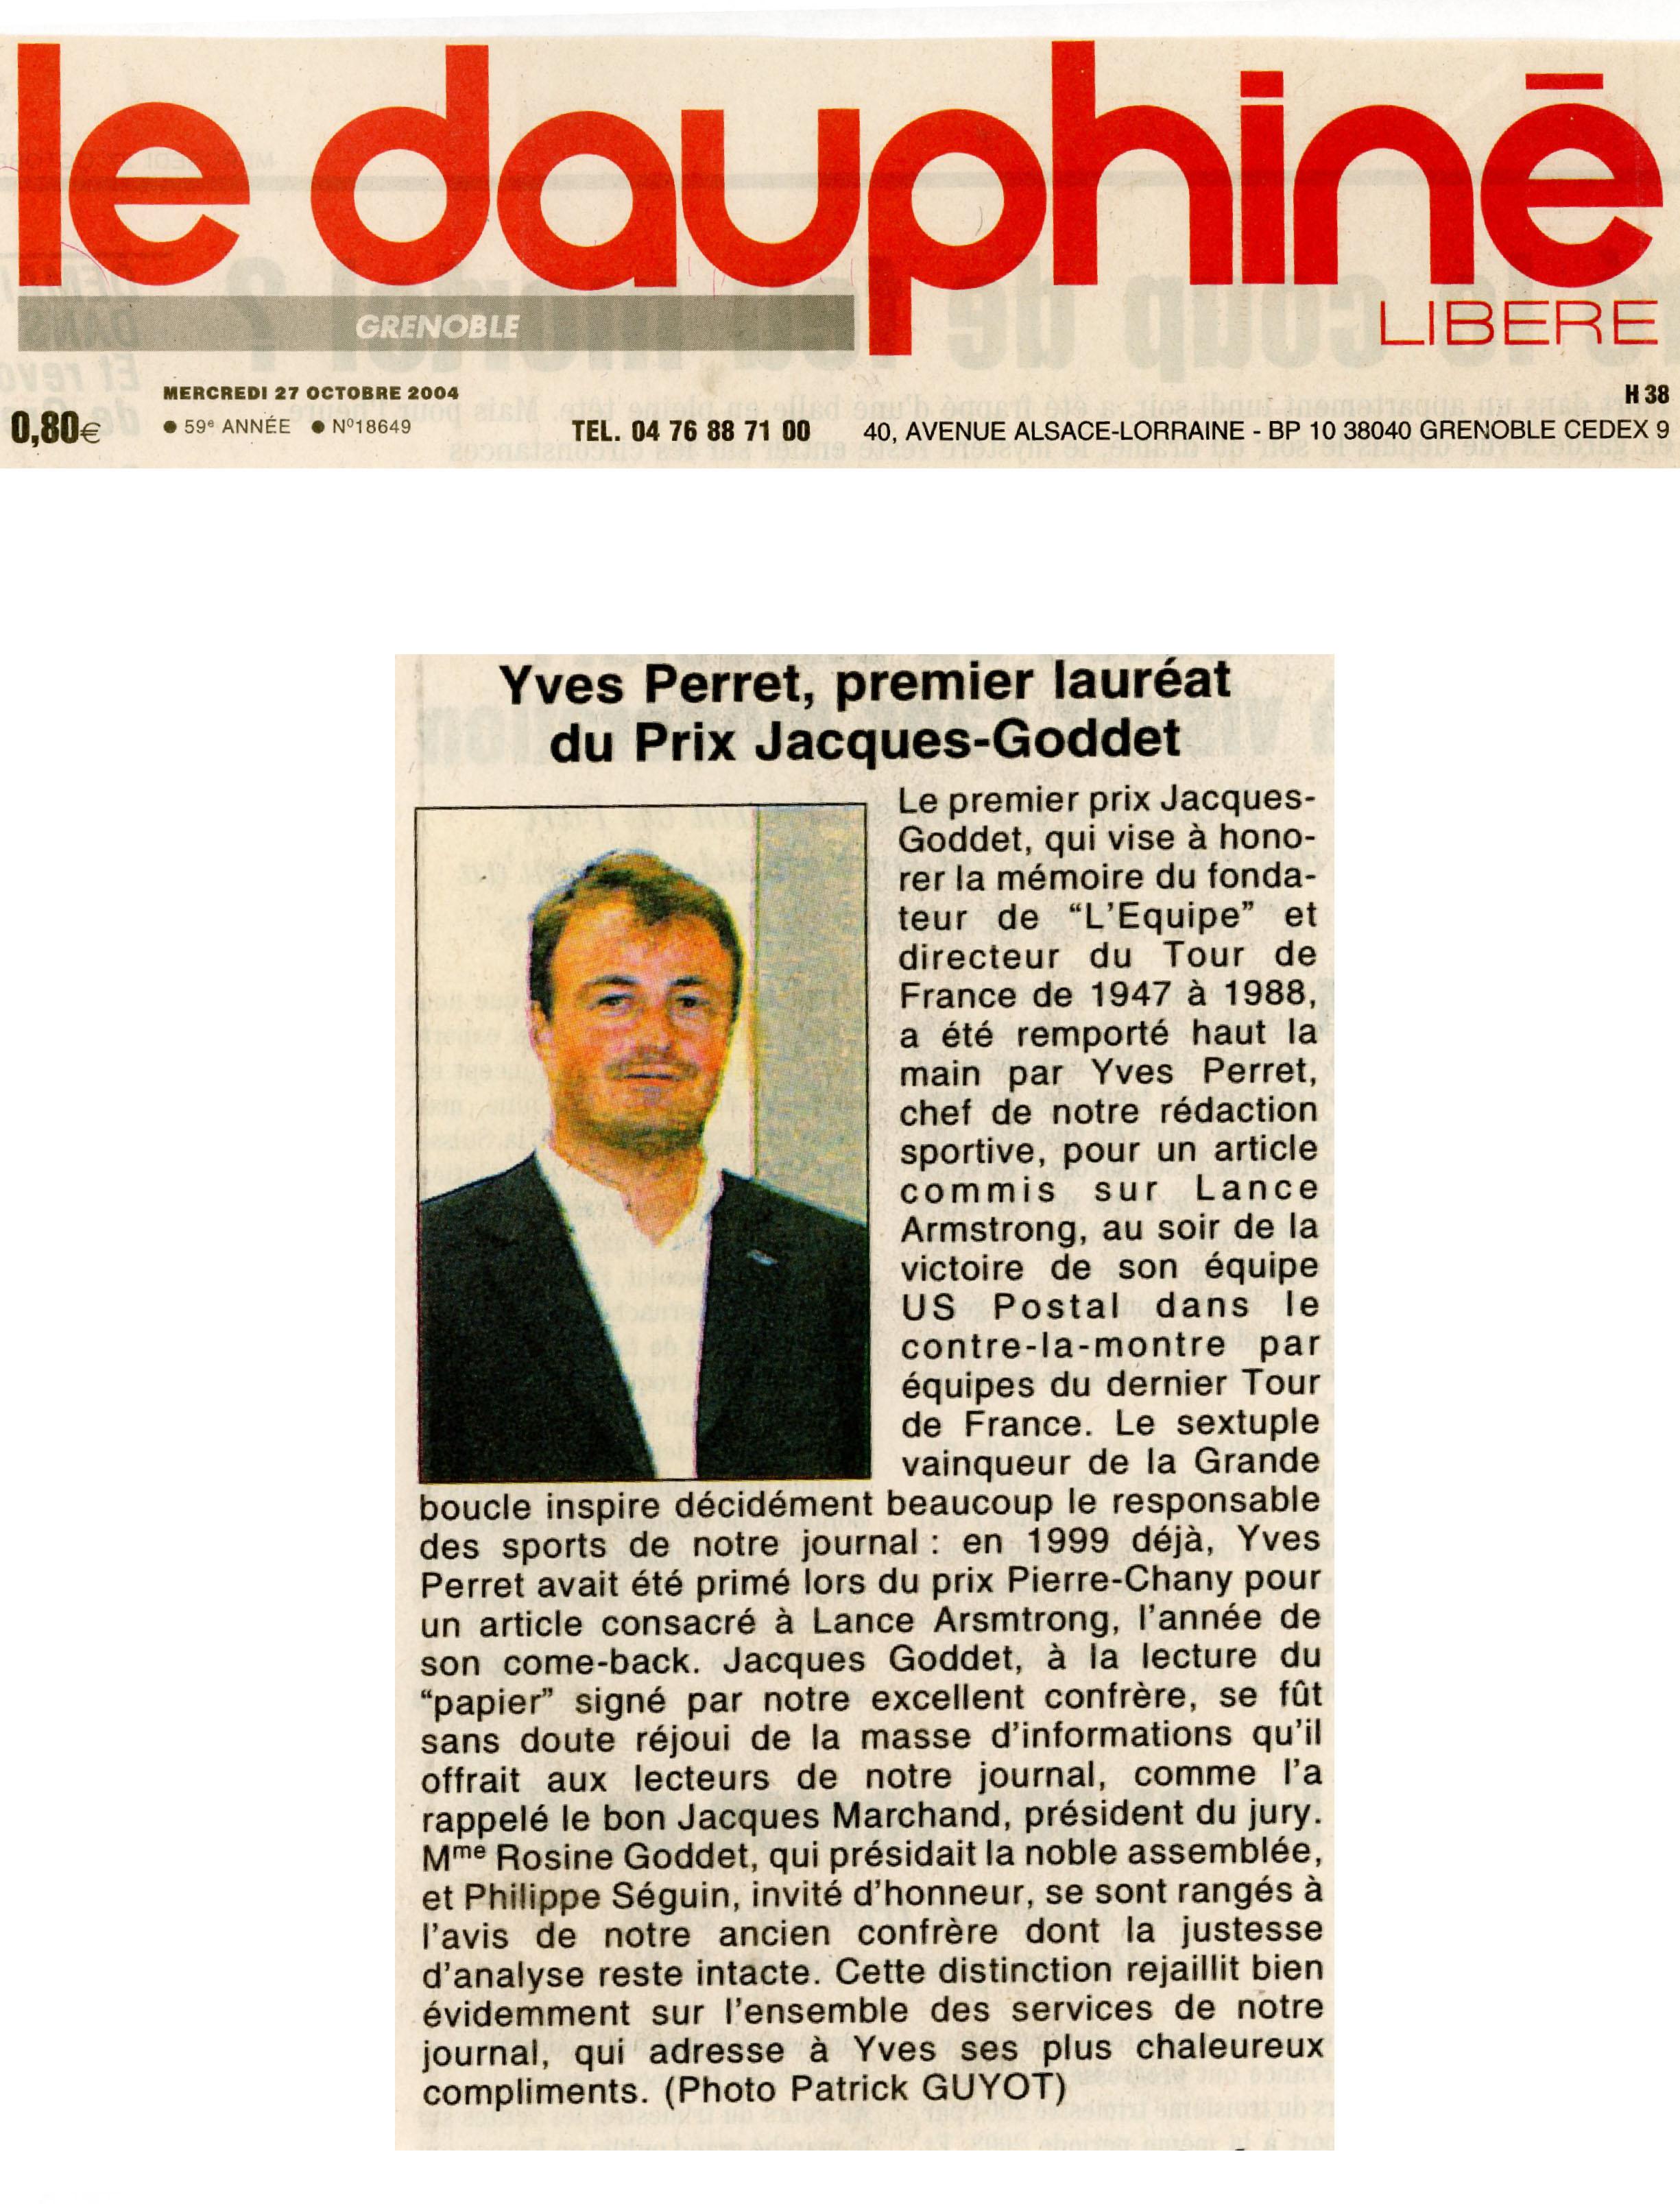 Presse - Le Dauphiné libéré - Prix Jacques-Goddet - mercredi 27 octobre 2004